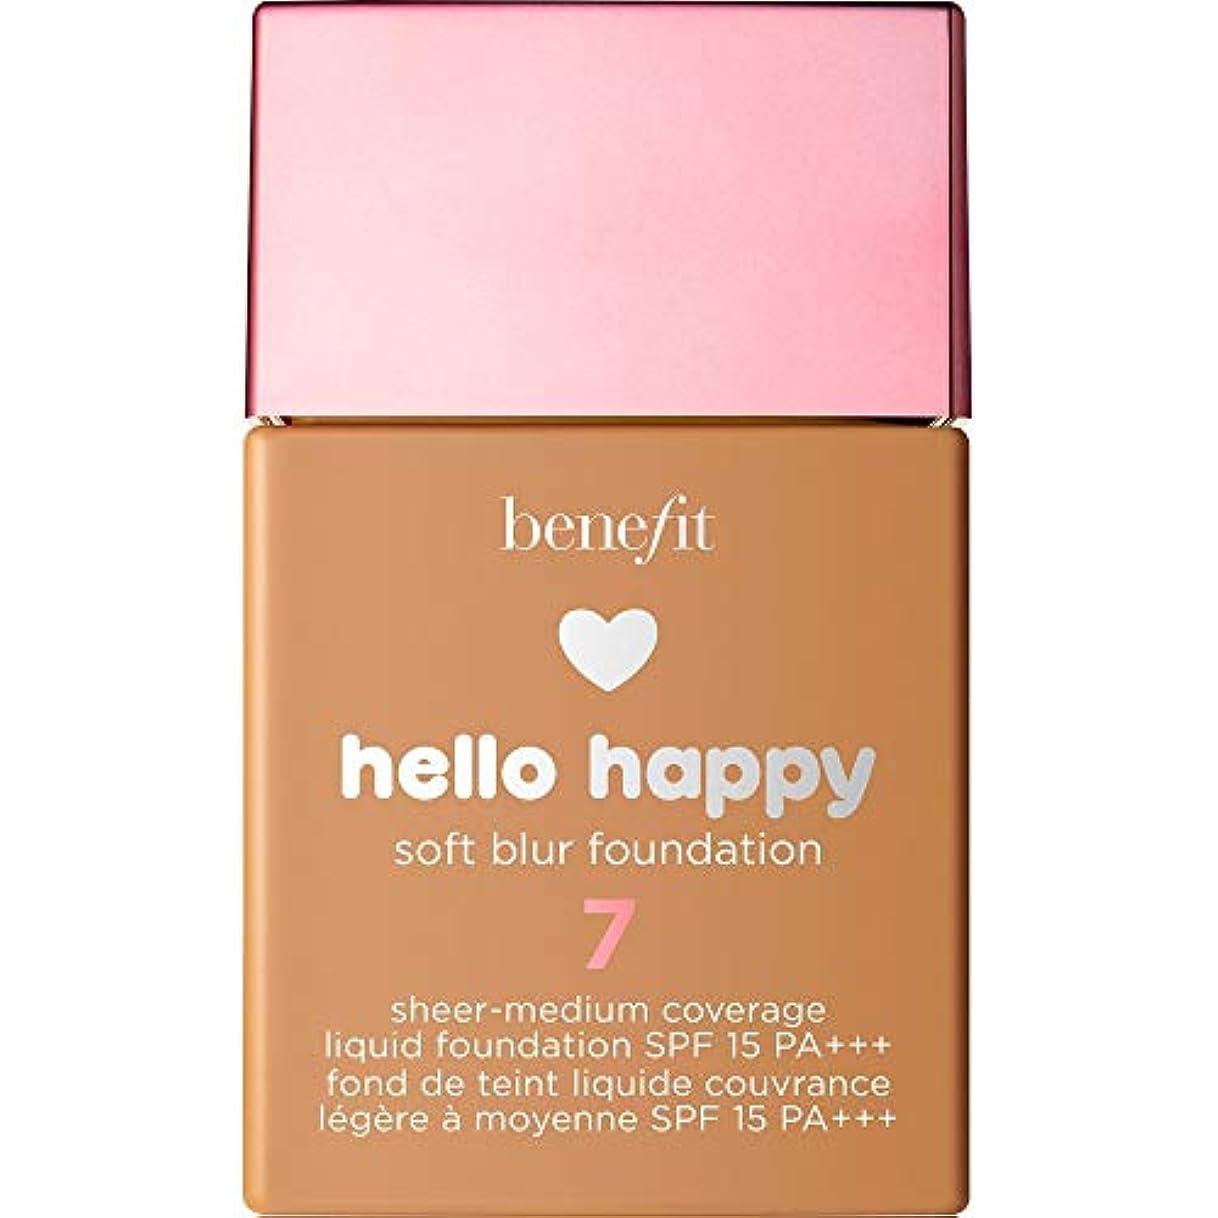 あたり容器ハンサム[Benefit ] 利益こんにちは幸せなソフトブラー基礎Spf15 30ミリリットル7 - 中規模たん暖かいです - Benefit Hello Happy Soft Blur Foundation SPF15 30ml...